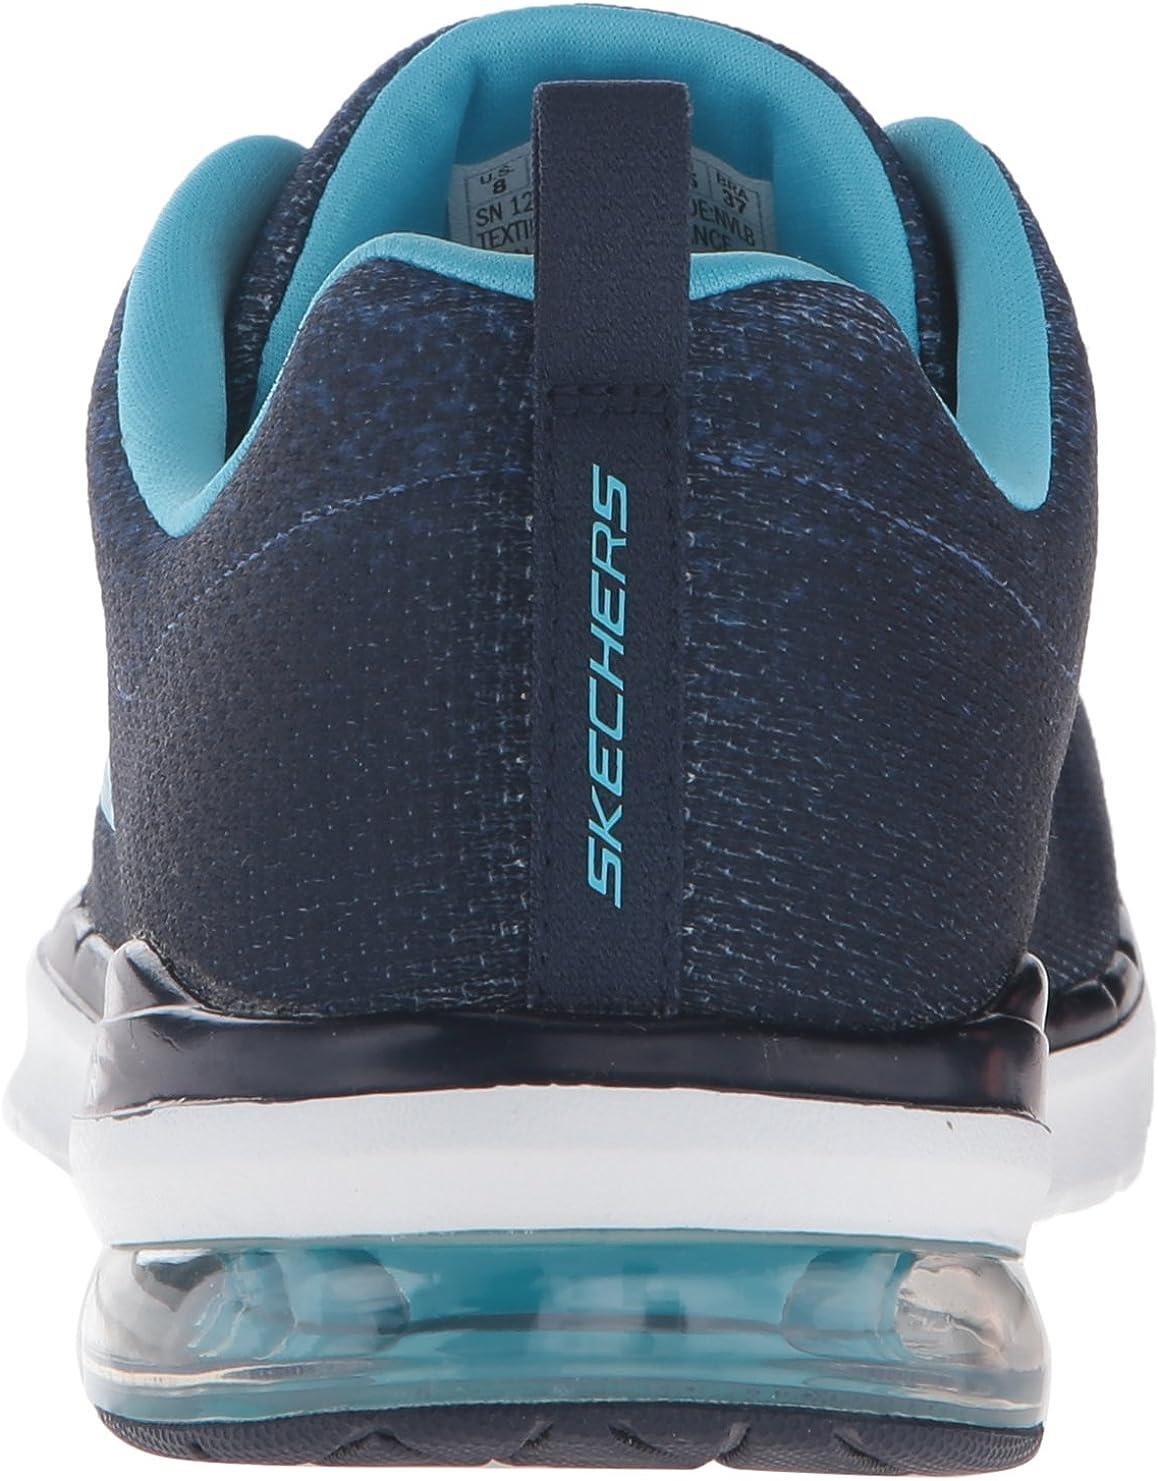 Skechers Sport Women's Skech Air Infinity Fashion Sneaker Navy/Light Blue